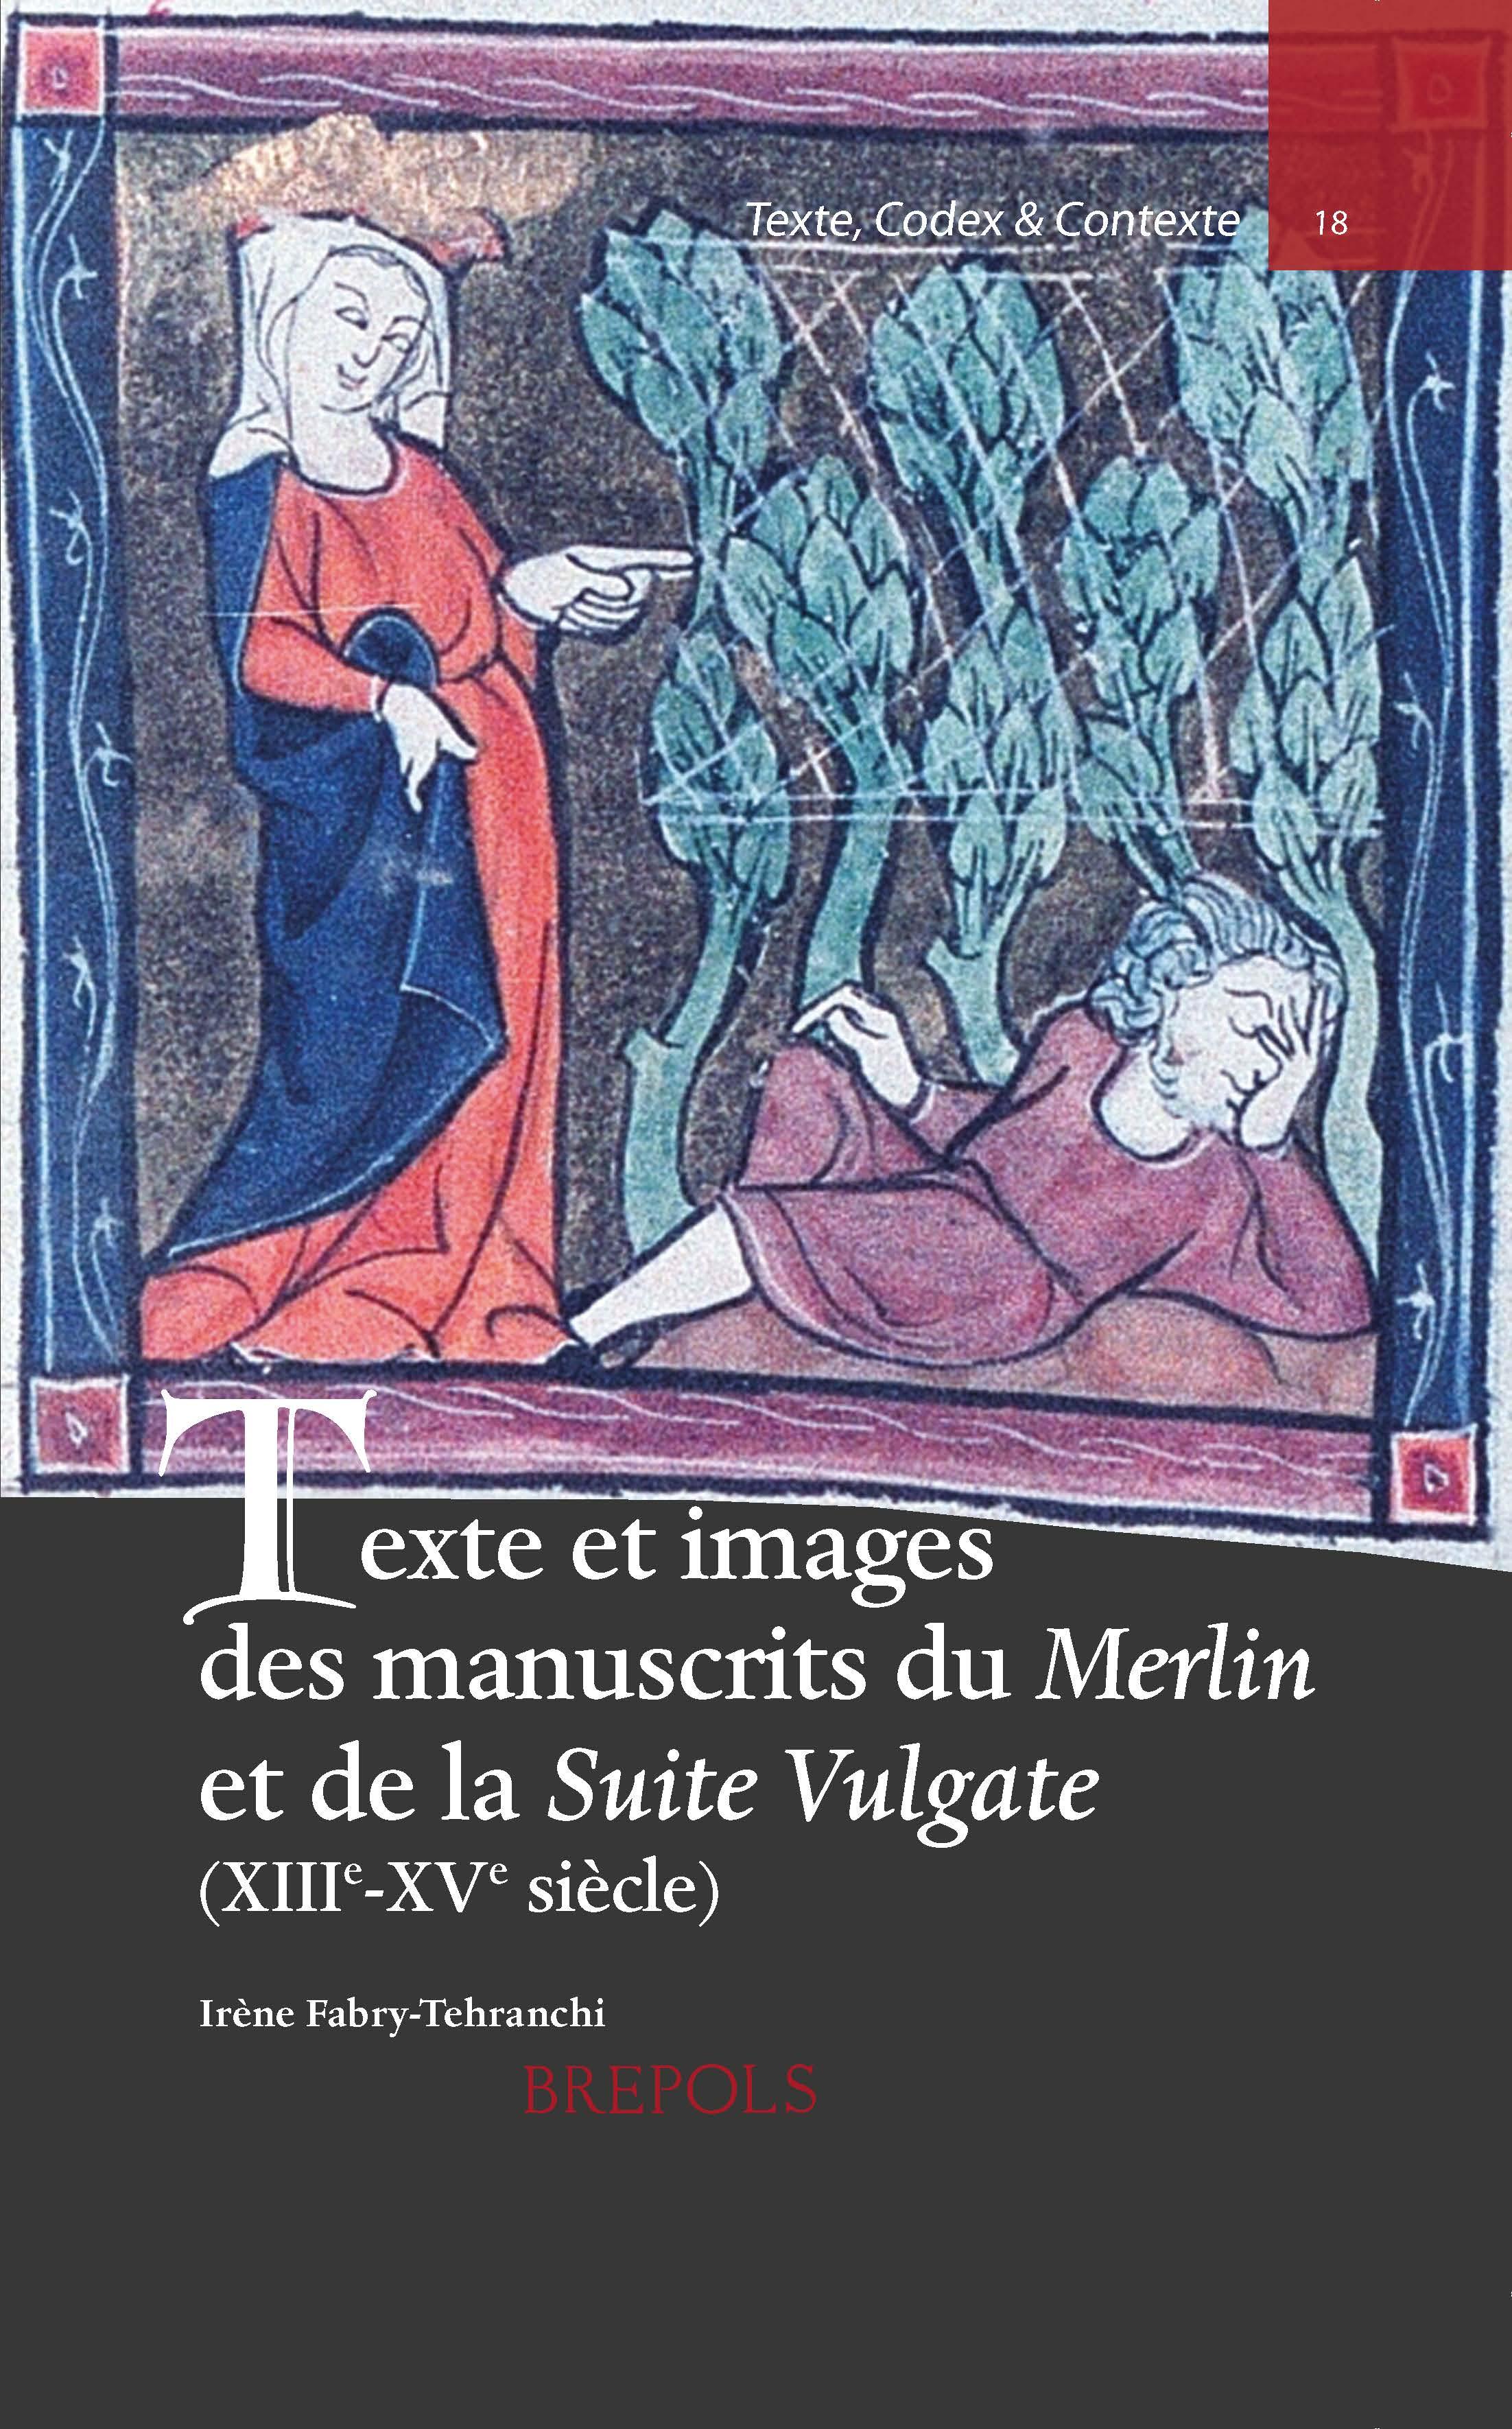 I. Fabry-Tehranchi, Texte et images des manuscrits du Merlin et de la Suite Vulgate (XIIIe-XVe s.)